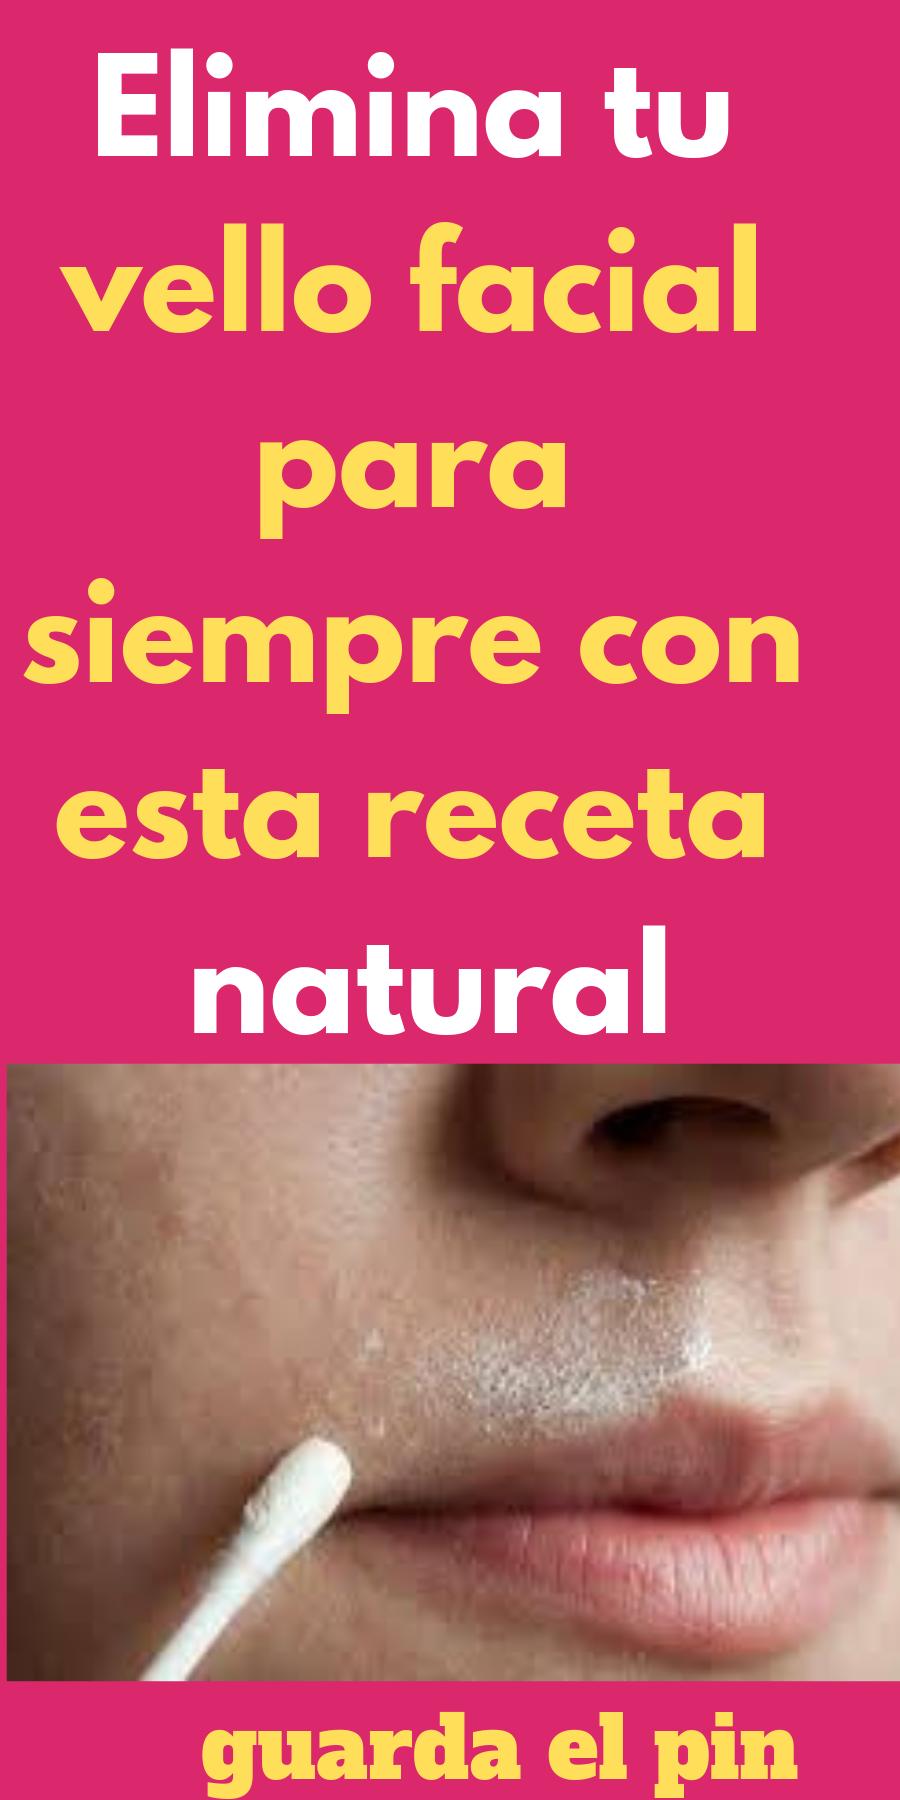 Elimina Tu Vello Facial Para Siempre Con Esta Receta Natural Facial Spots On Face Face